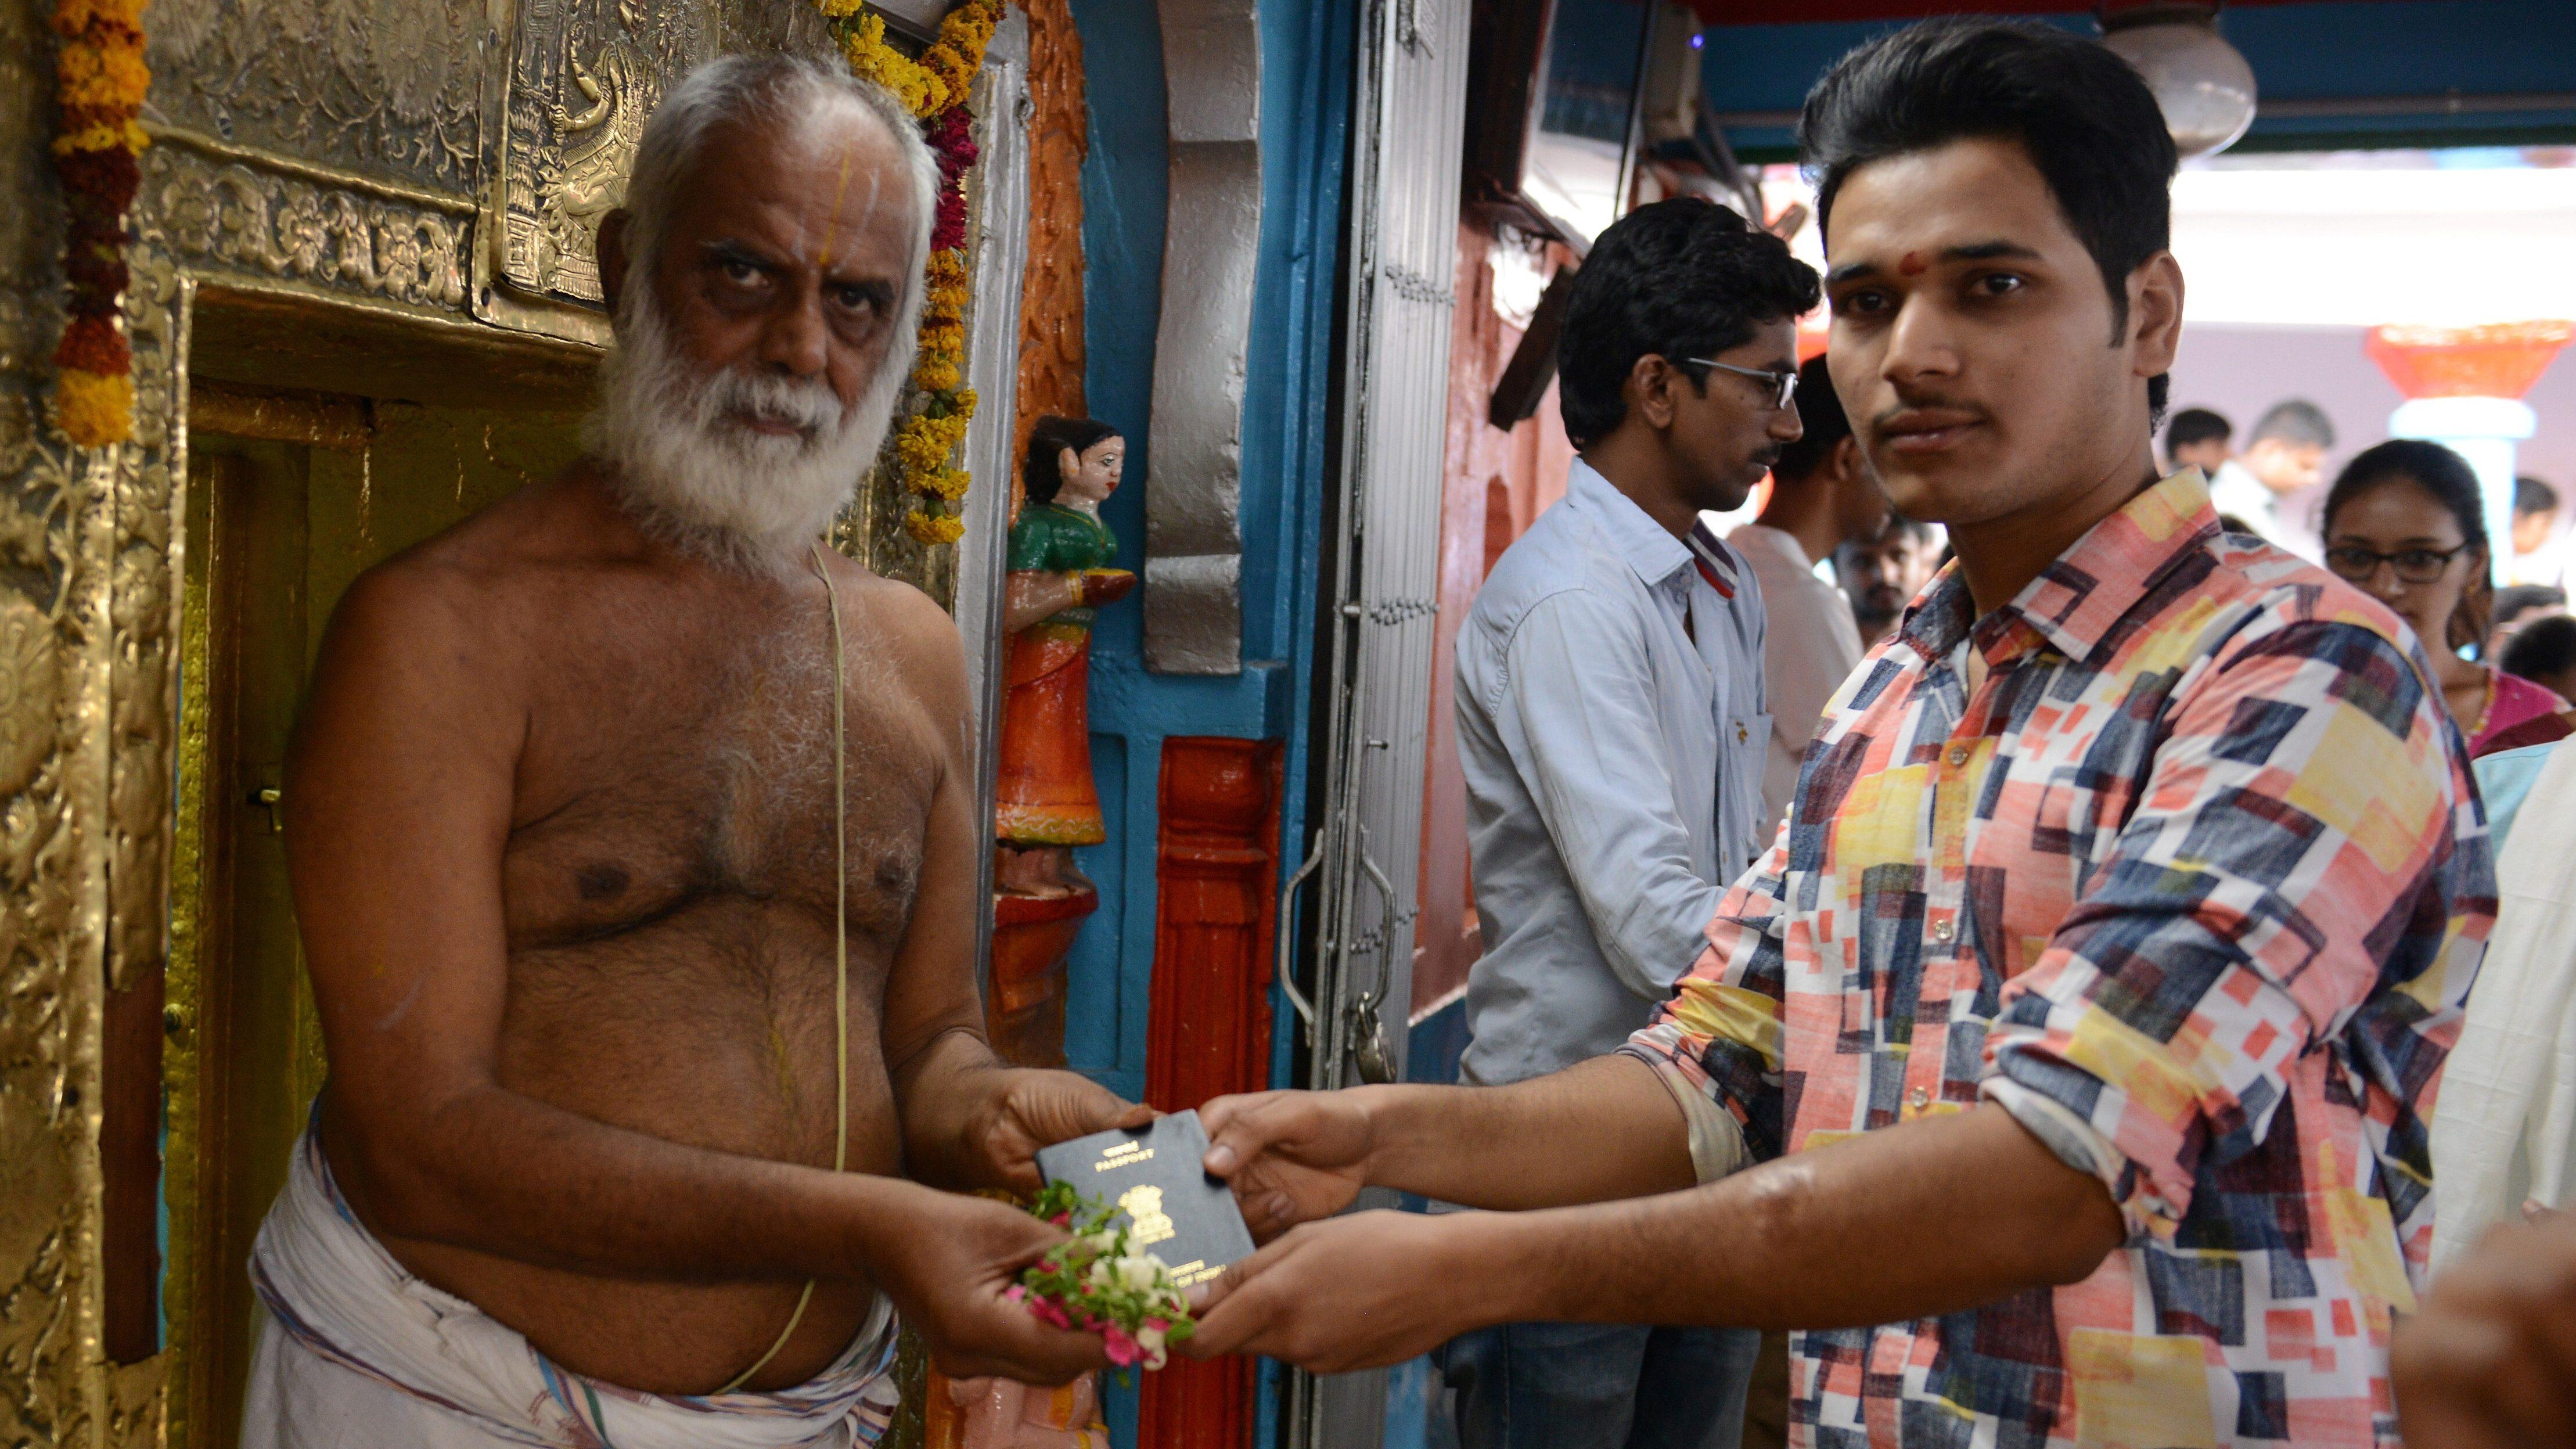 INDIA-RELIGION-HINDUISM-VISA